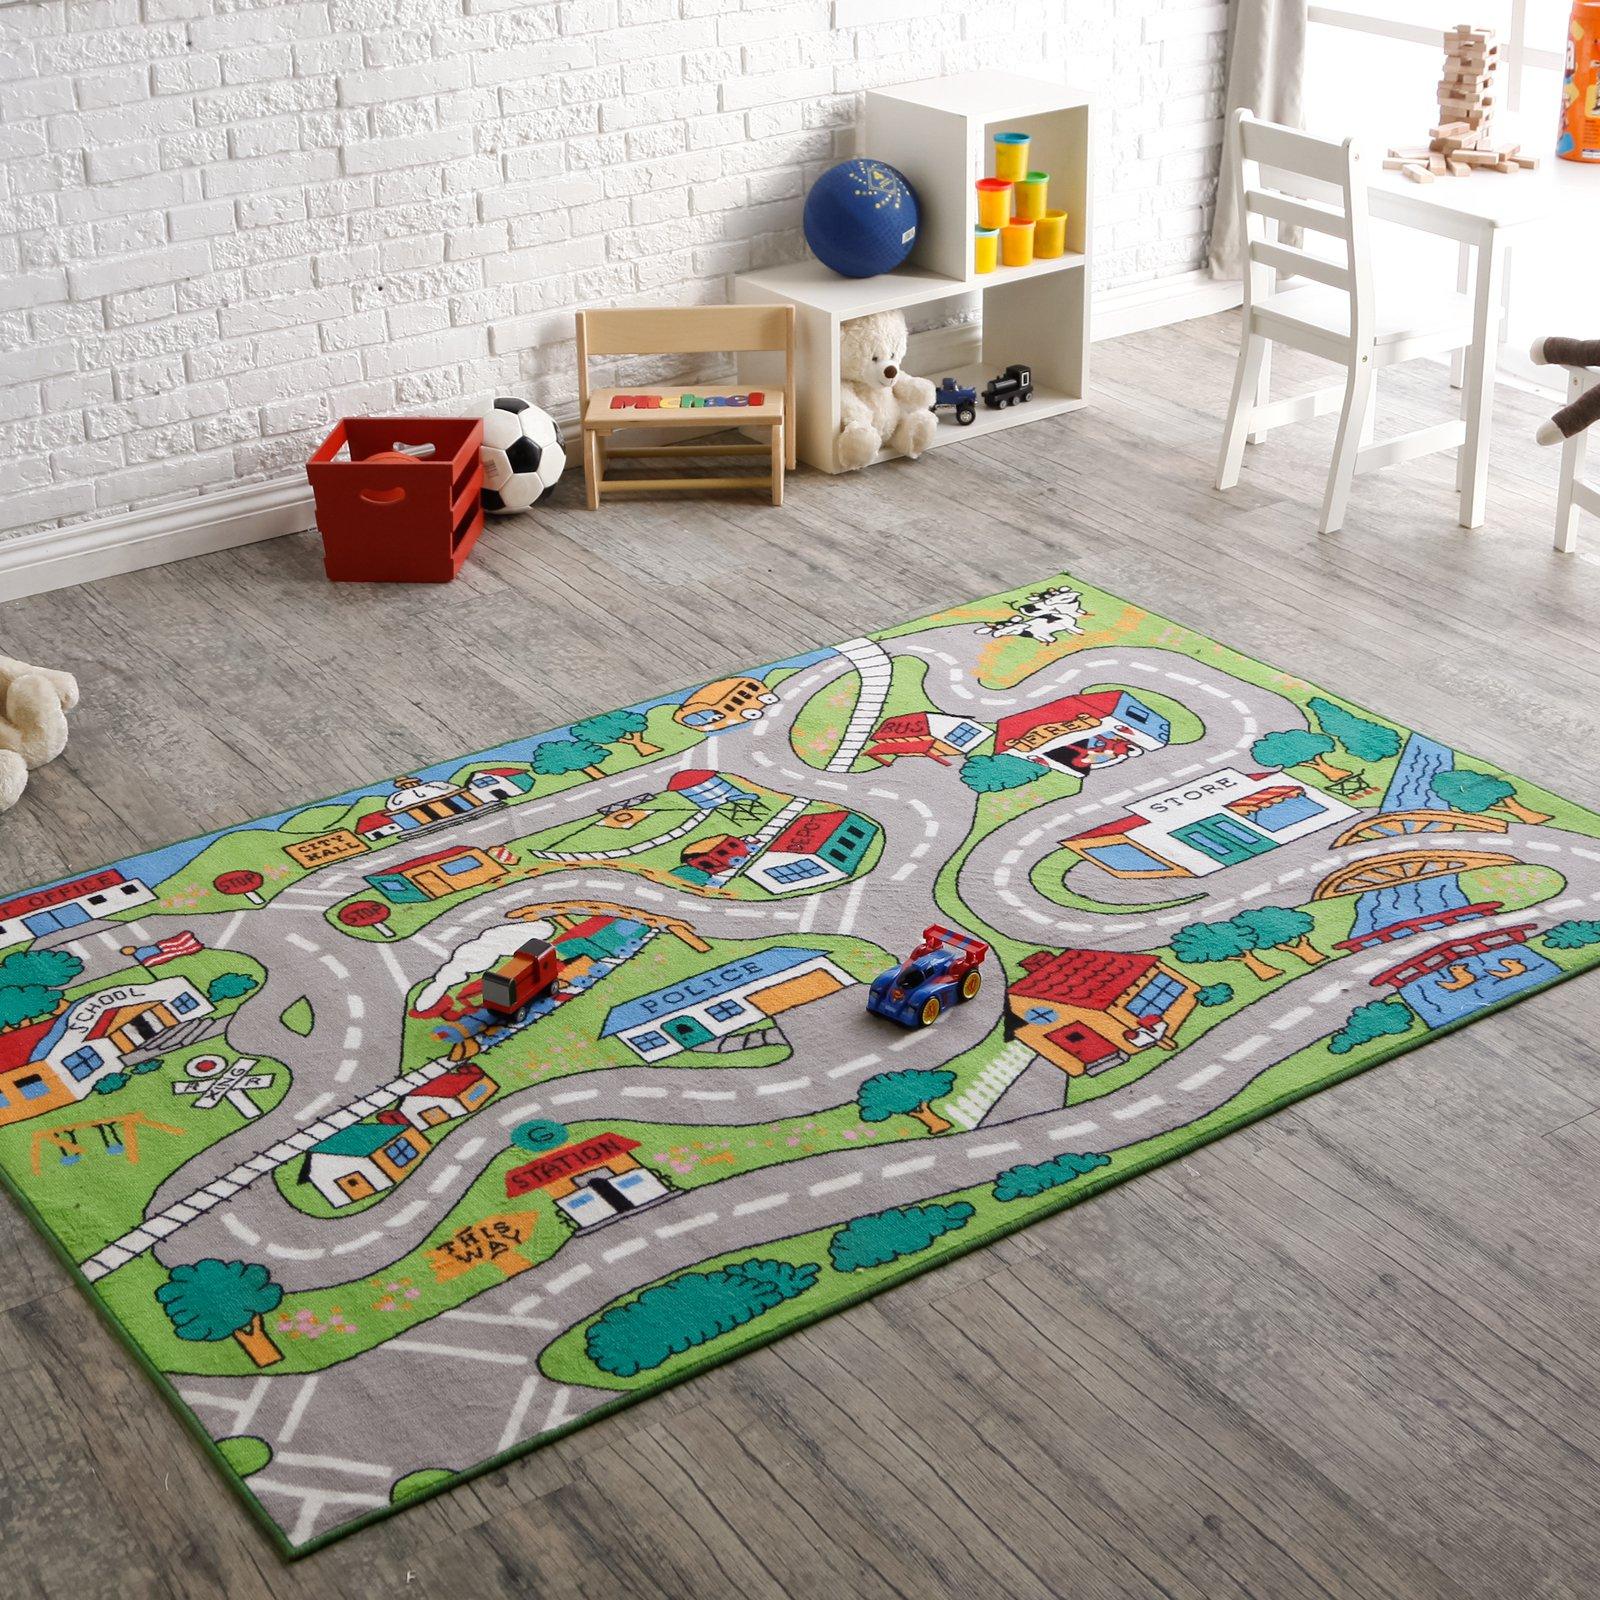 l.a. rugs countryfun kids area rug - kids rugs at hayneedle BBRVBZW